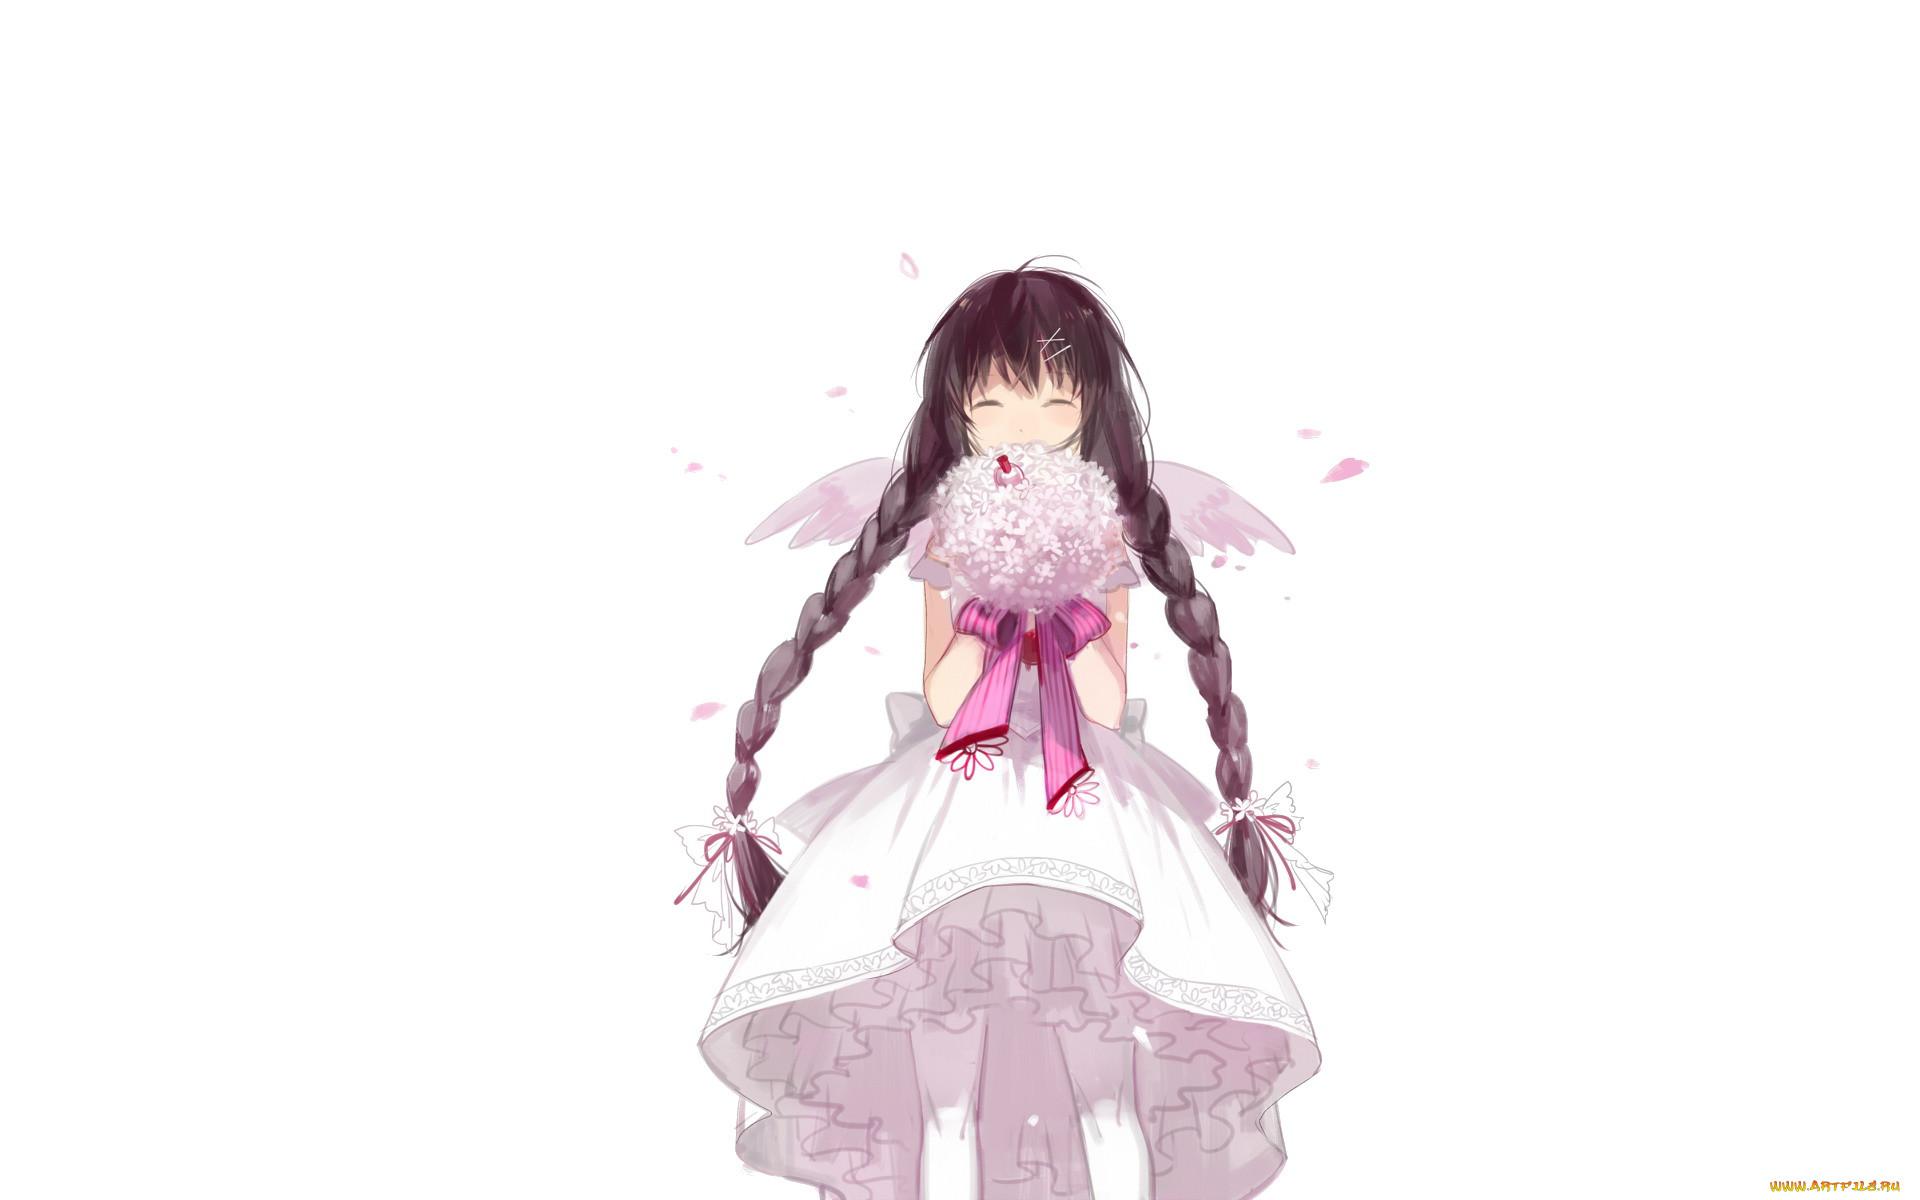 аниме, ангелы,  демоны, платье, косы, девочка, букет, крылья